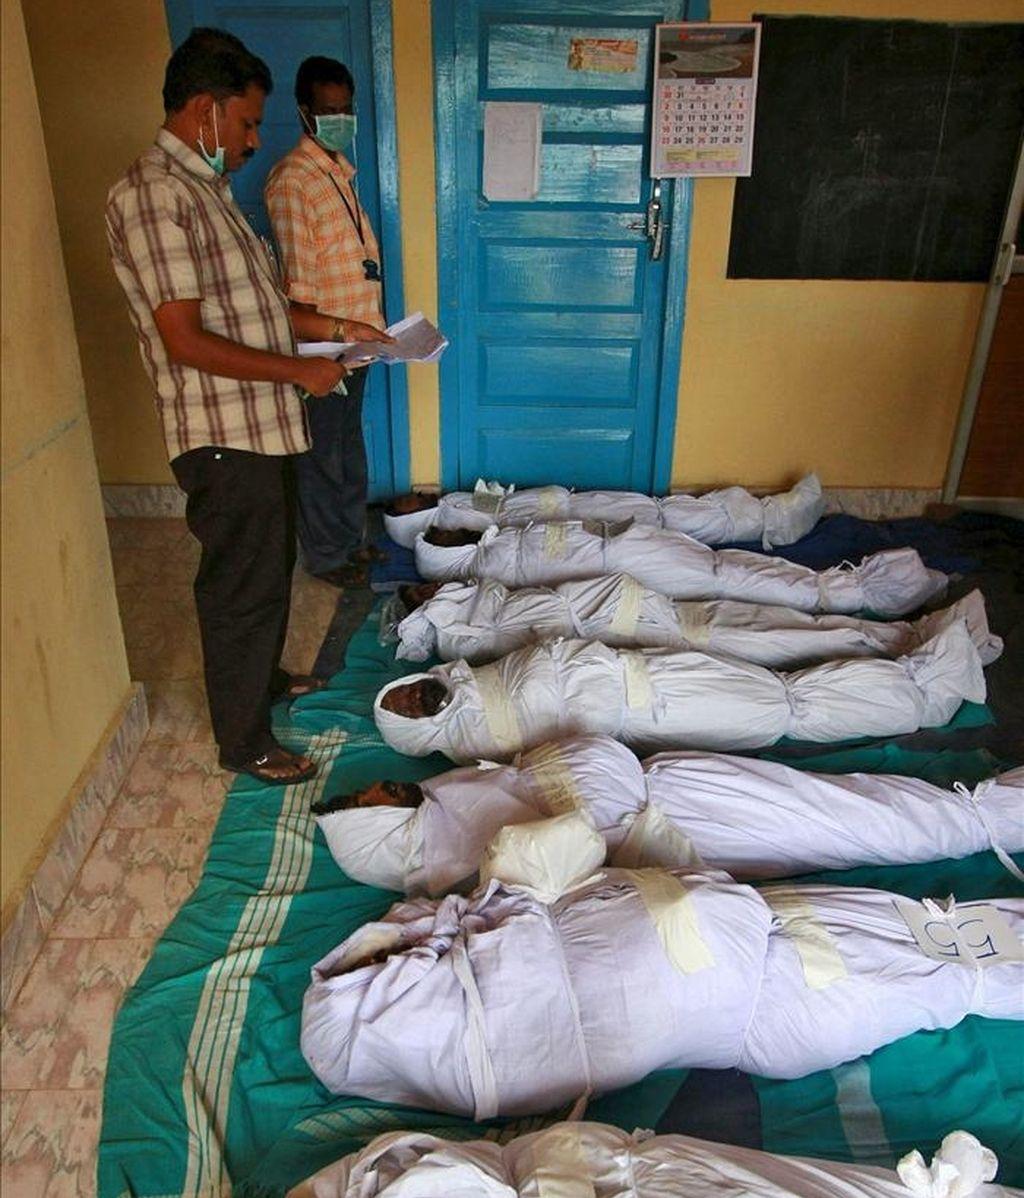 Las autoridades indias intentan identificar a las víctimas de la estampida ocurrida anoche en el sur del país, en Vandiperiyar, distrito de Idukki, a unos 123 kilómetros de Kochi (India). EFE